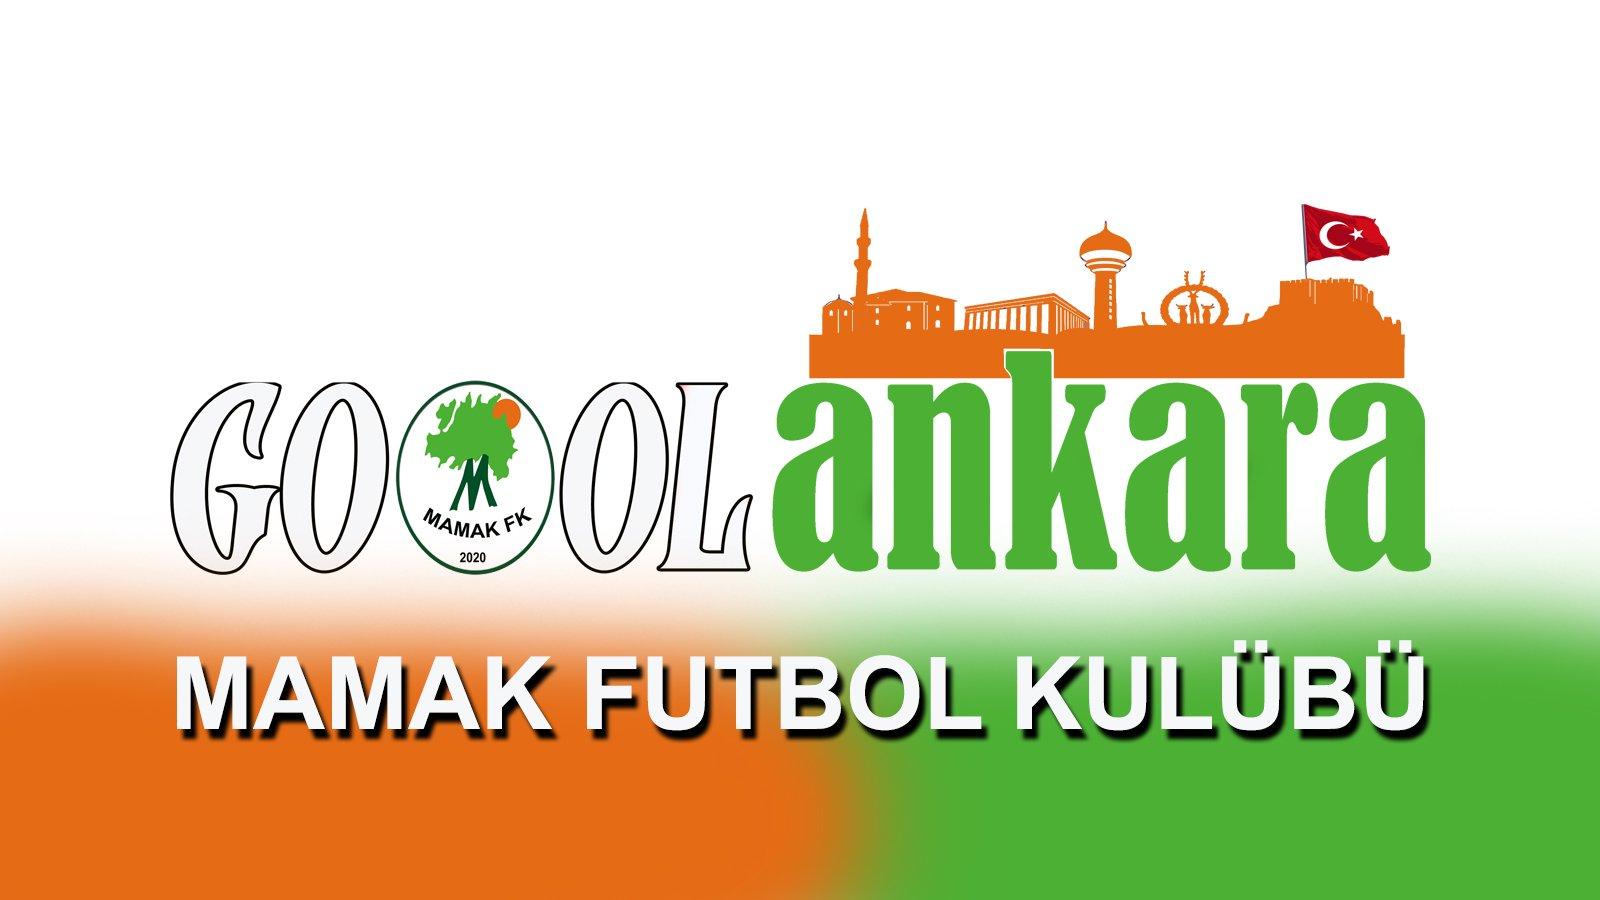 MAMAK FK, BERABERLİKLE YETİNDİ